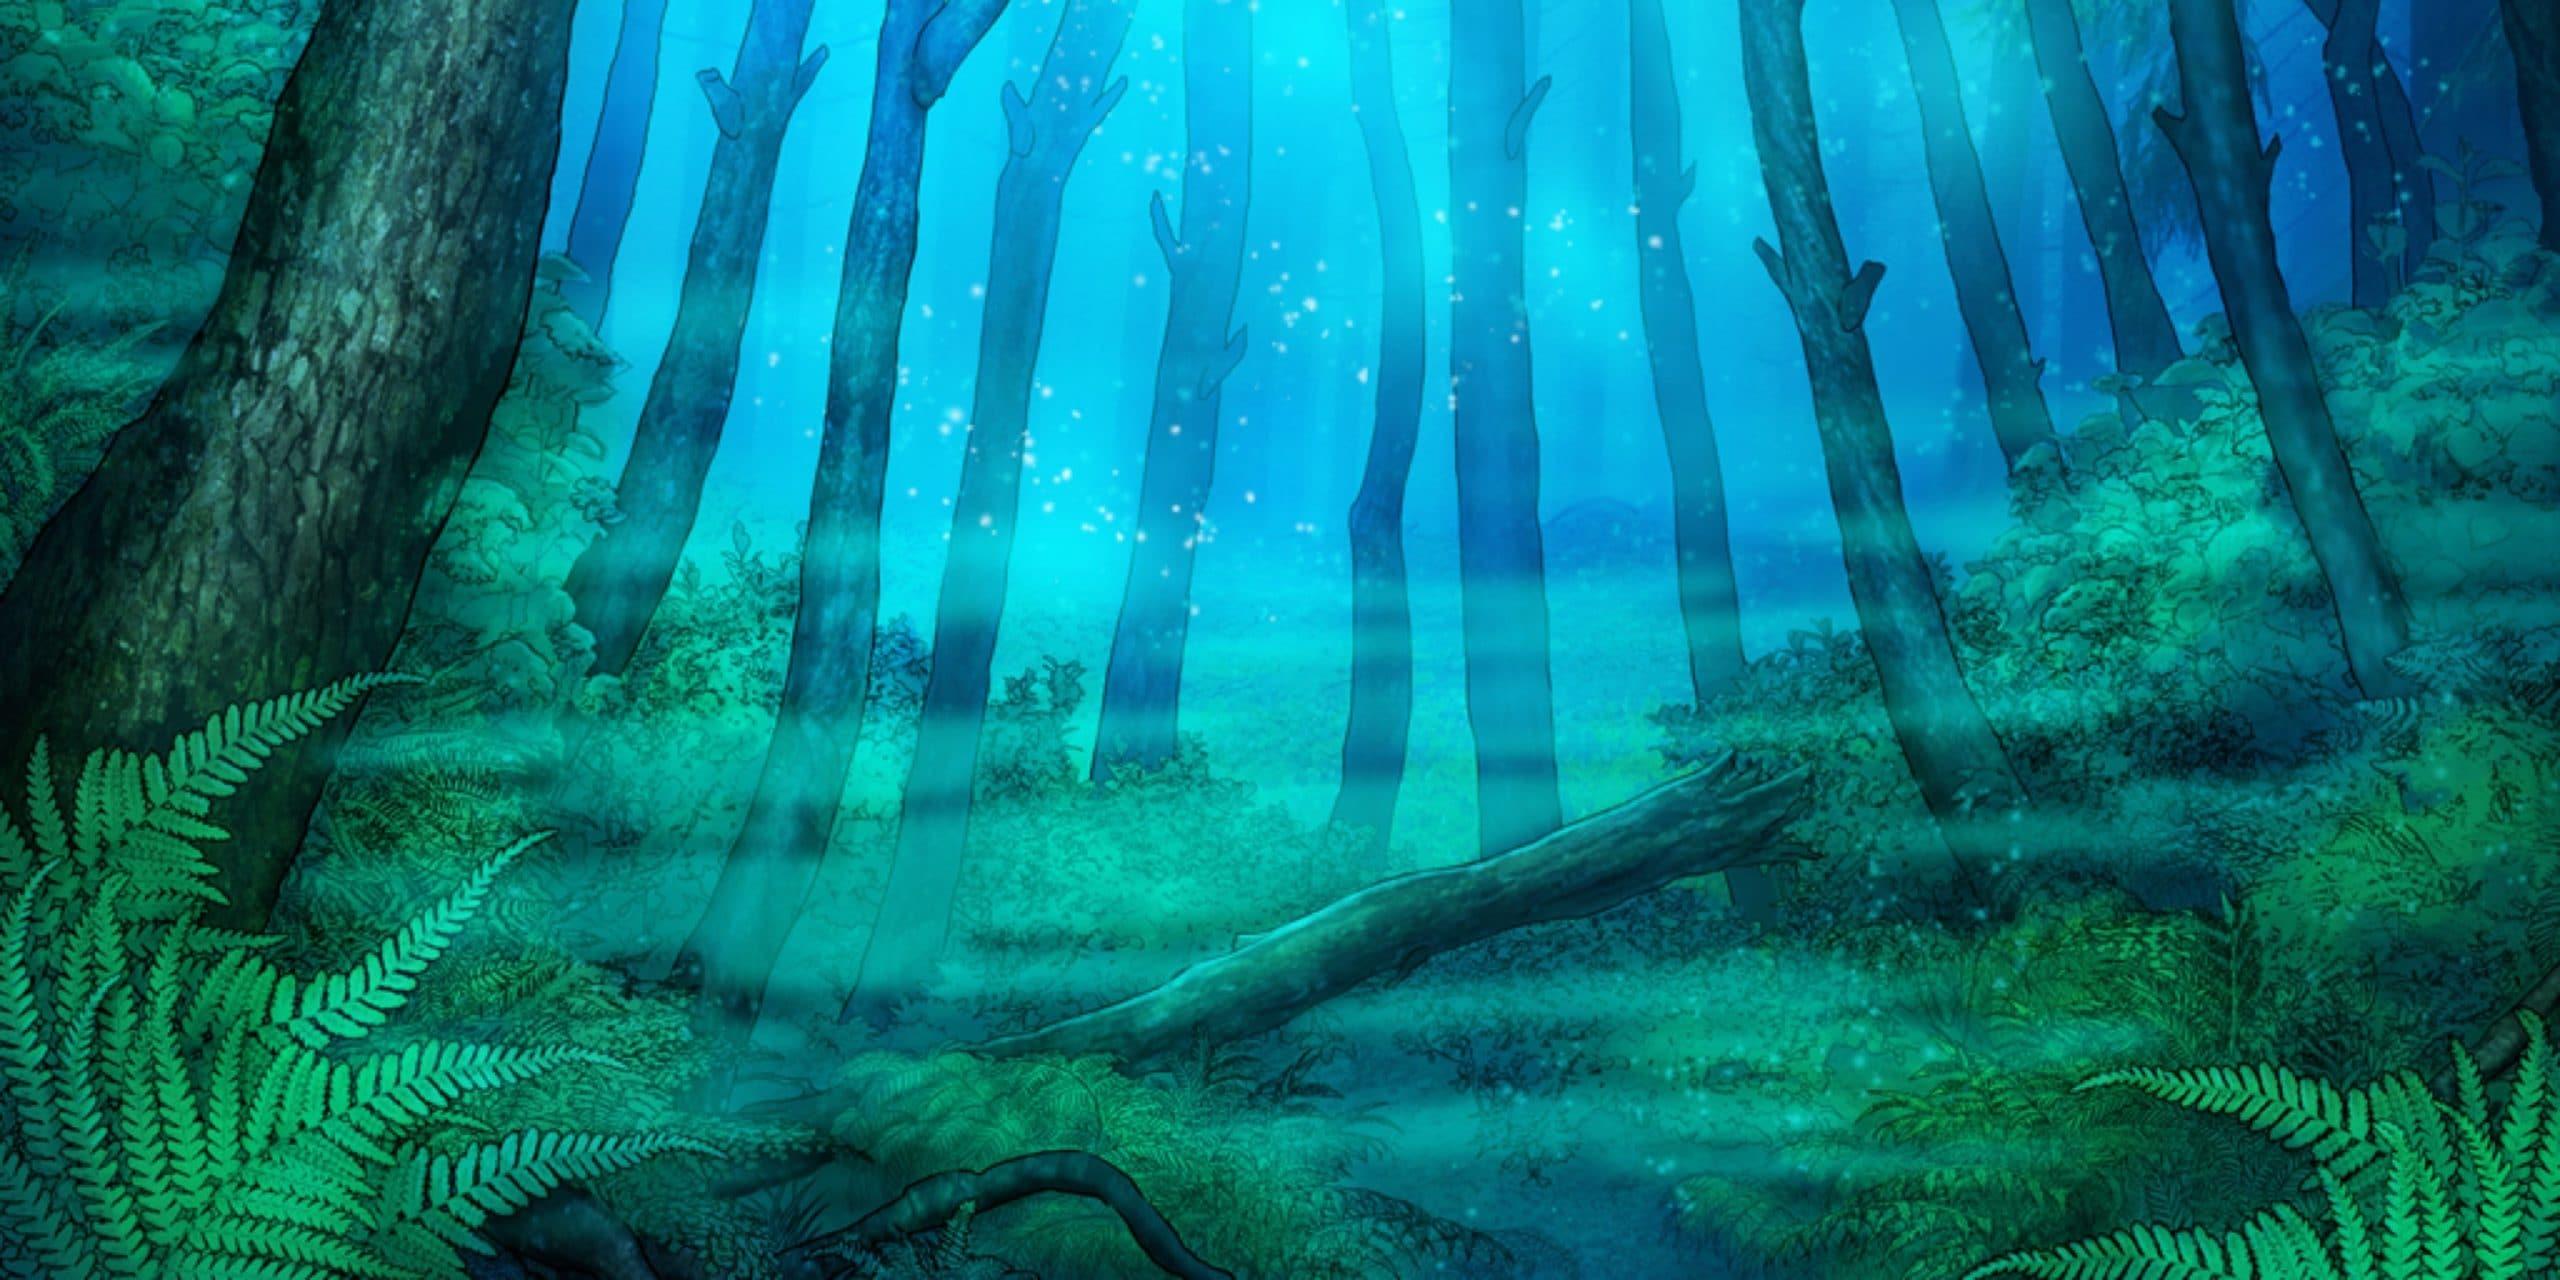 Nicolae personnage de Is It Love et vue de forêt